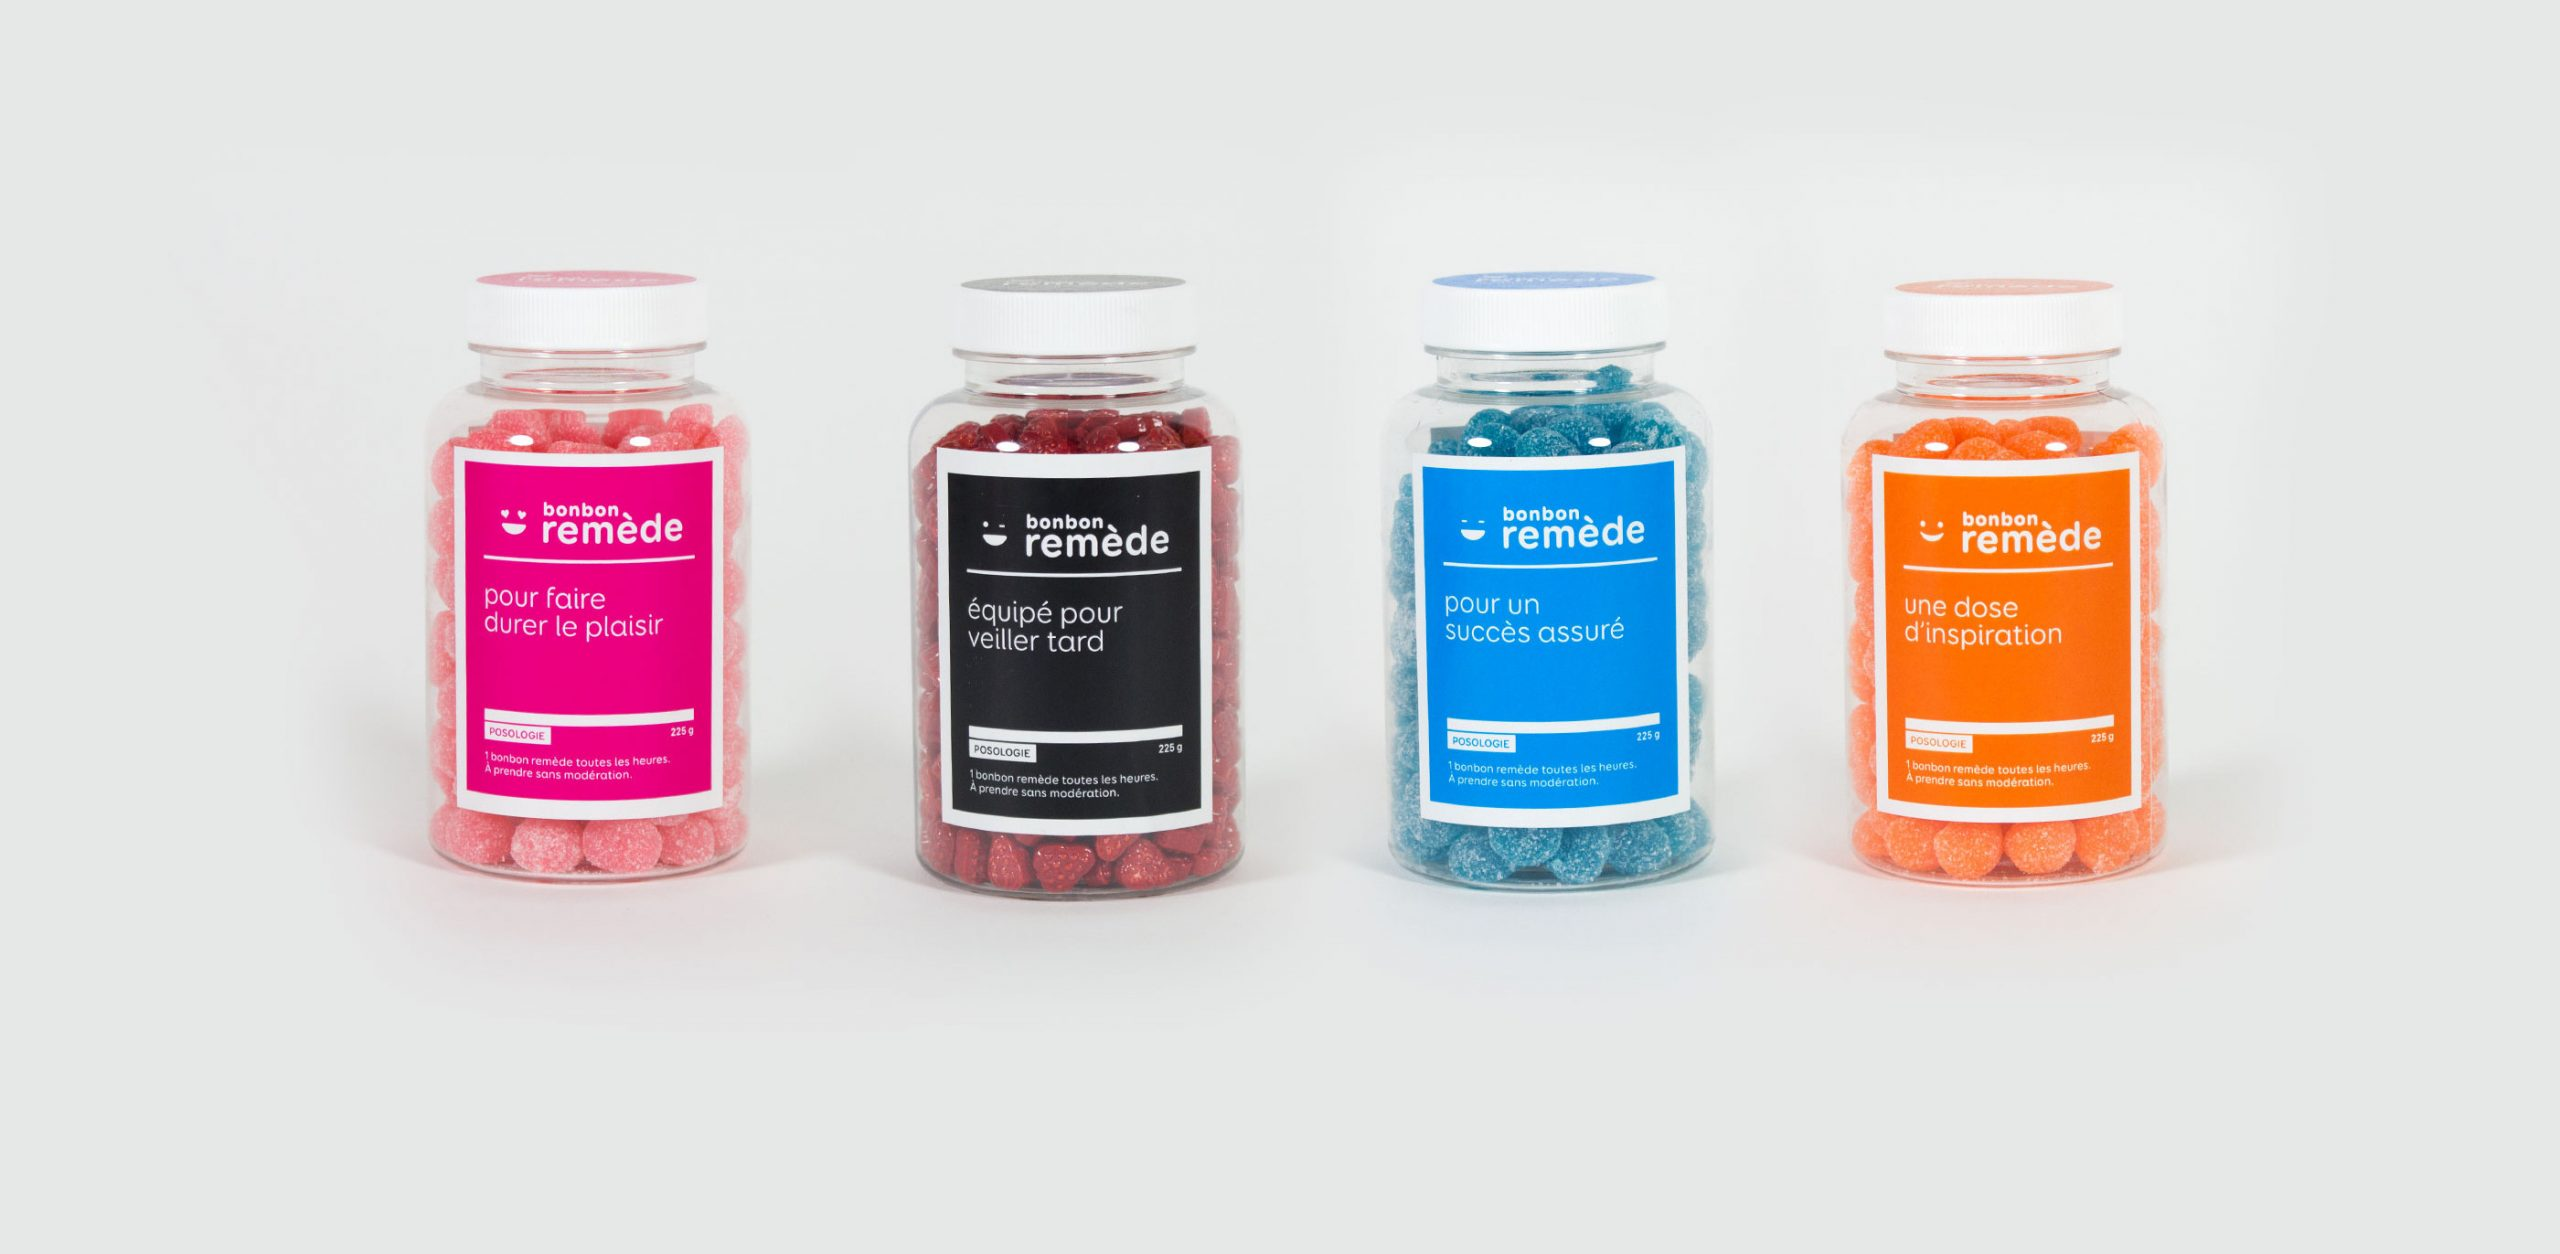 Exemples de produit | Bonbon remède